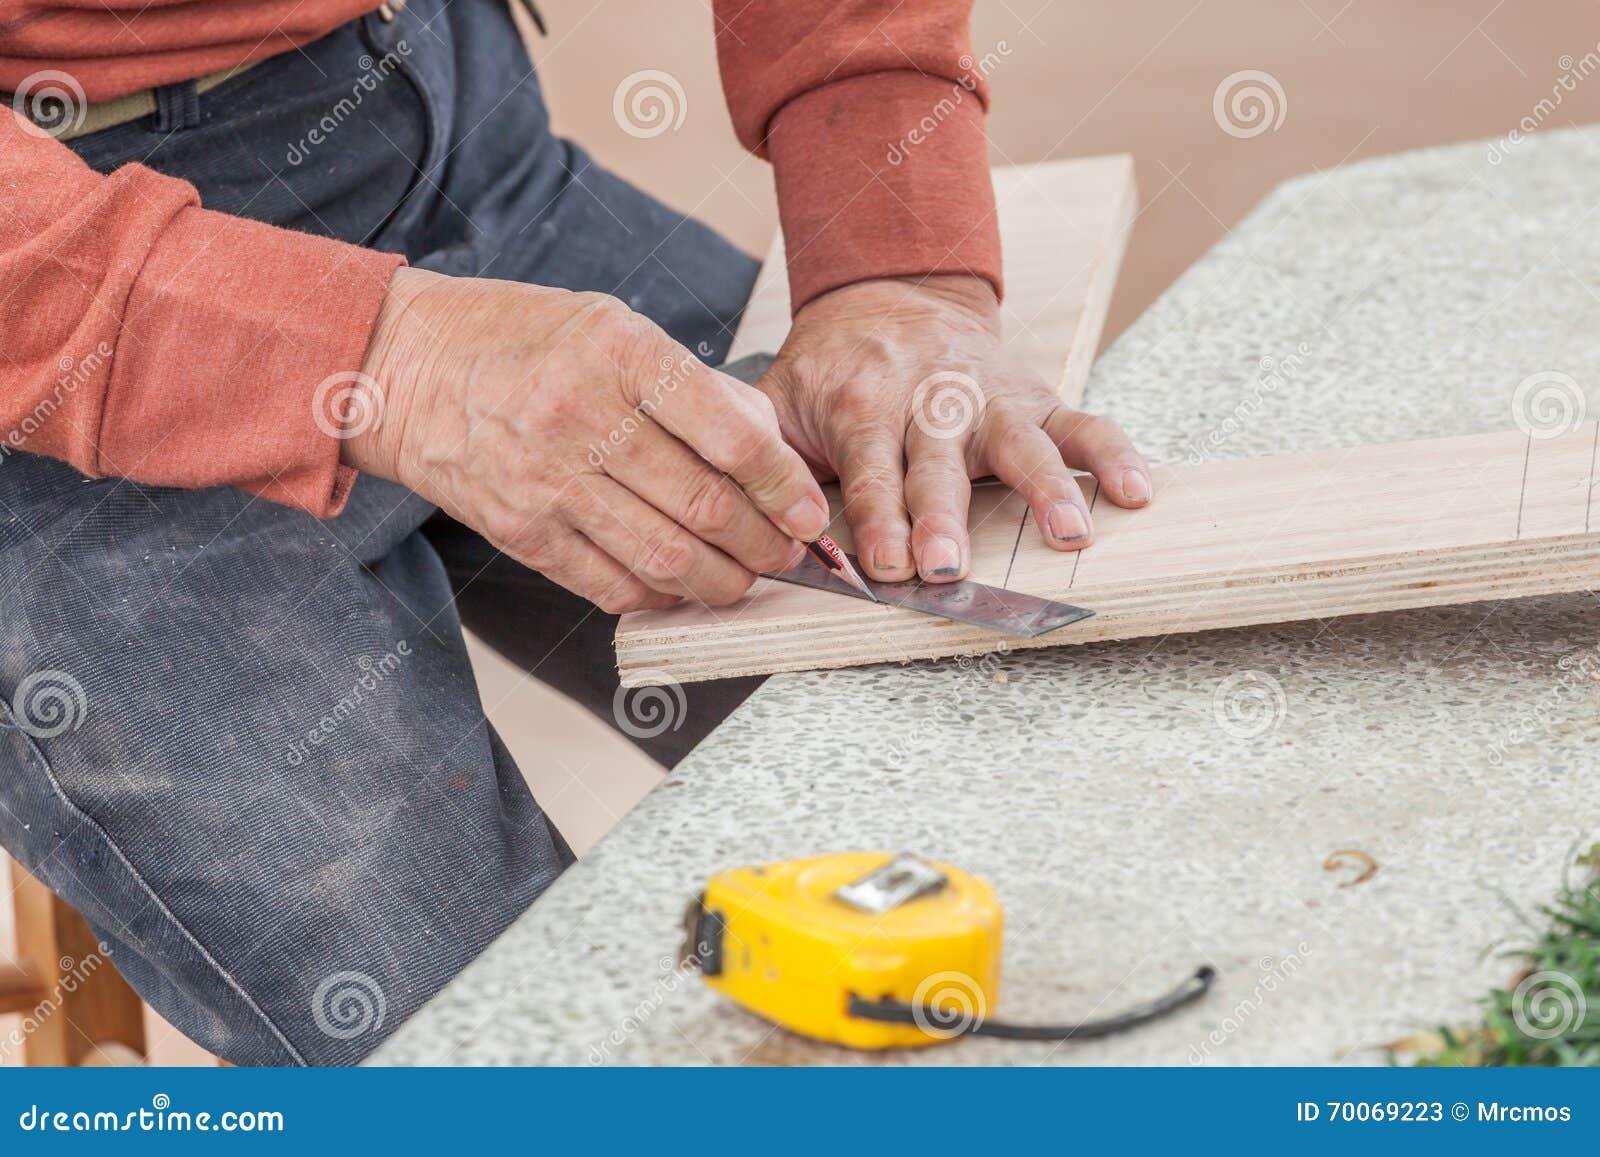 Zamyka w górę cieśla brudnych ręk pracuje z władcą i ołówkiem